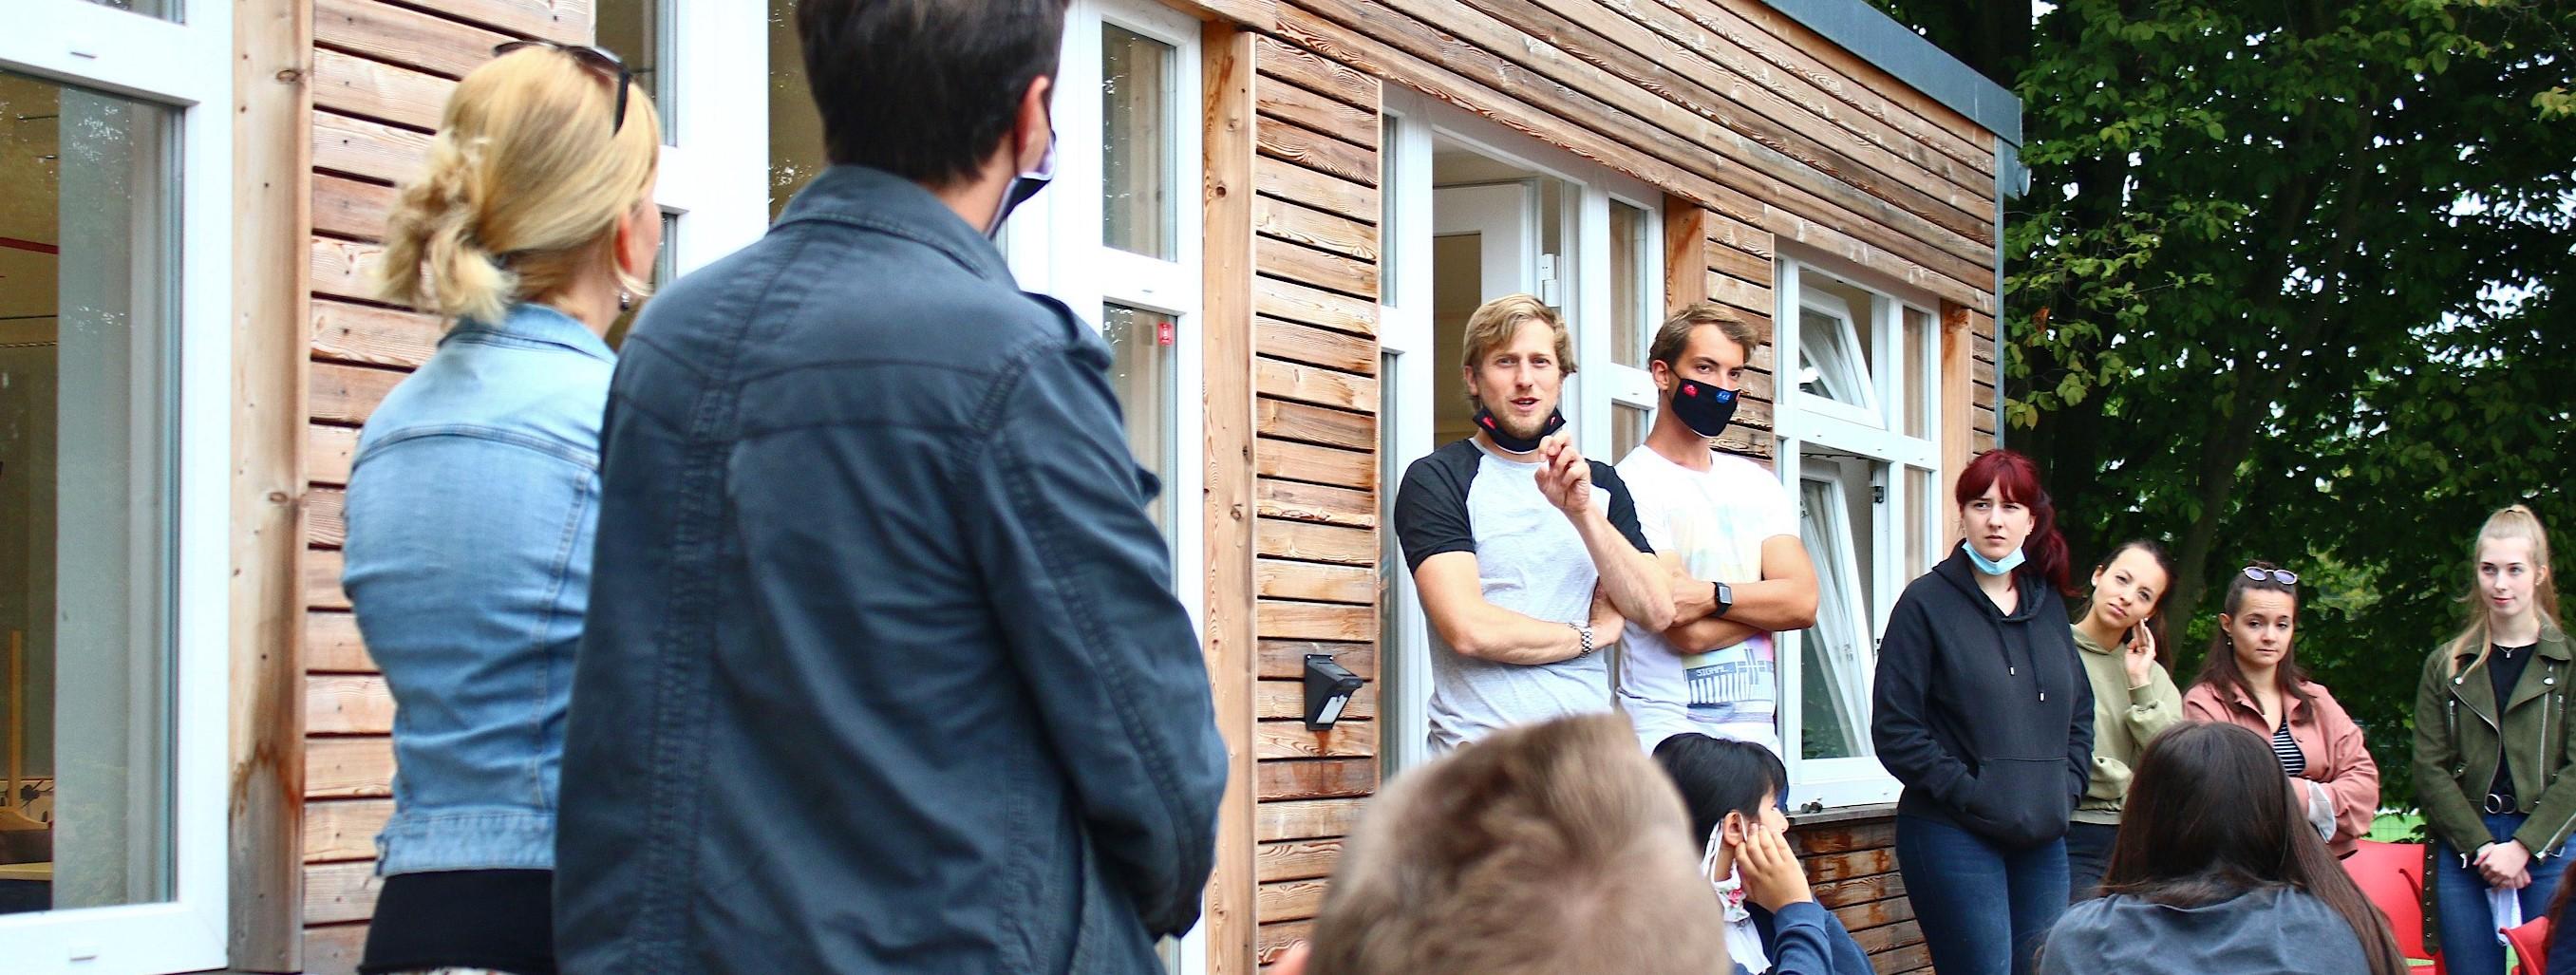 Gut vorbereitet in die nächste Stufe: In den letzten beiden Ferienwochen fand am Lernort Seumannstraße für ein gutes Dutzend Jugendlicher die Sommerschule statt. (Foto: Müller/EC)